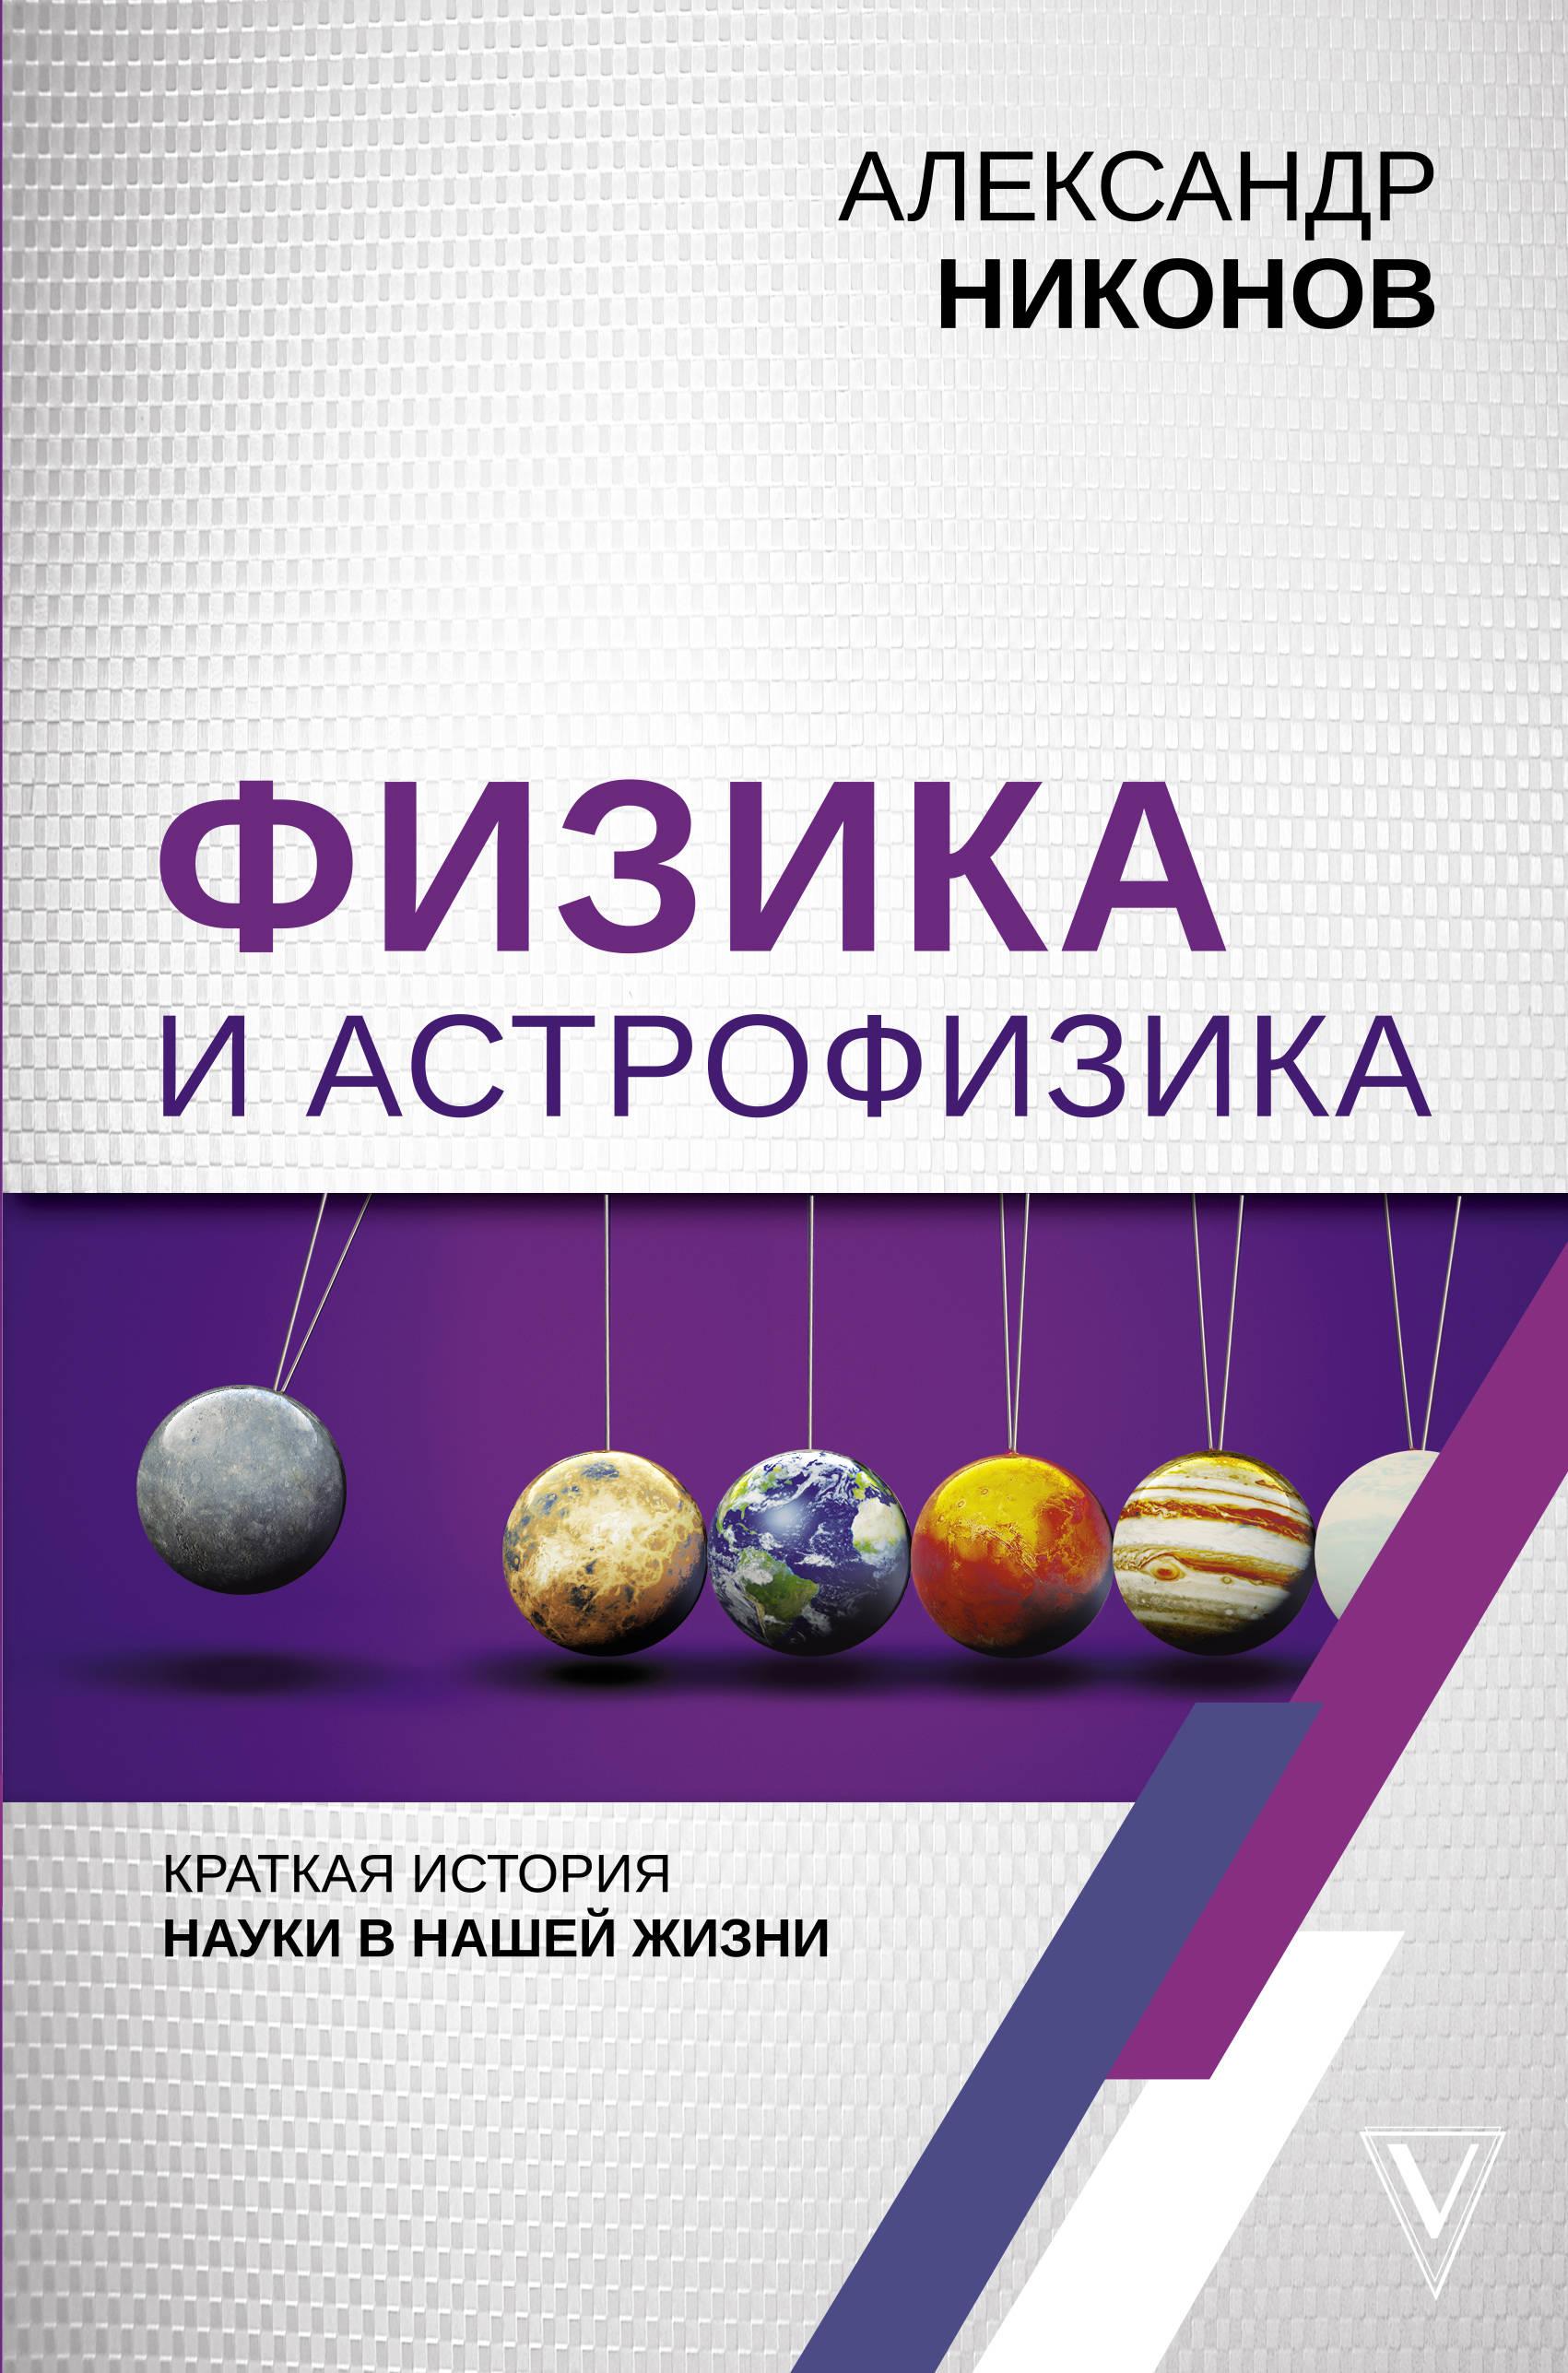 Физика и астрофизика: краткая история науки в нашей жизни ( Никонов Александр Петрович  )